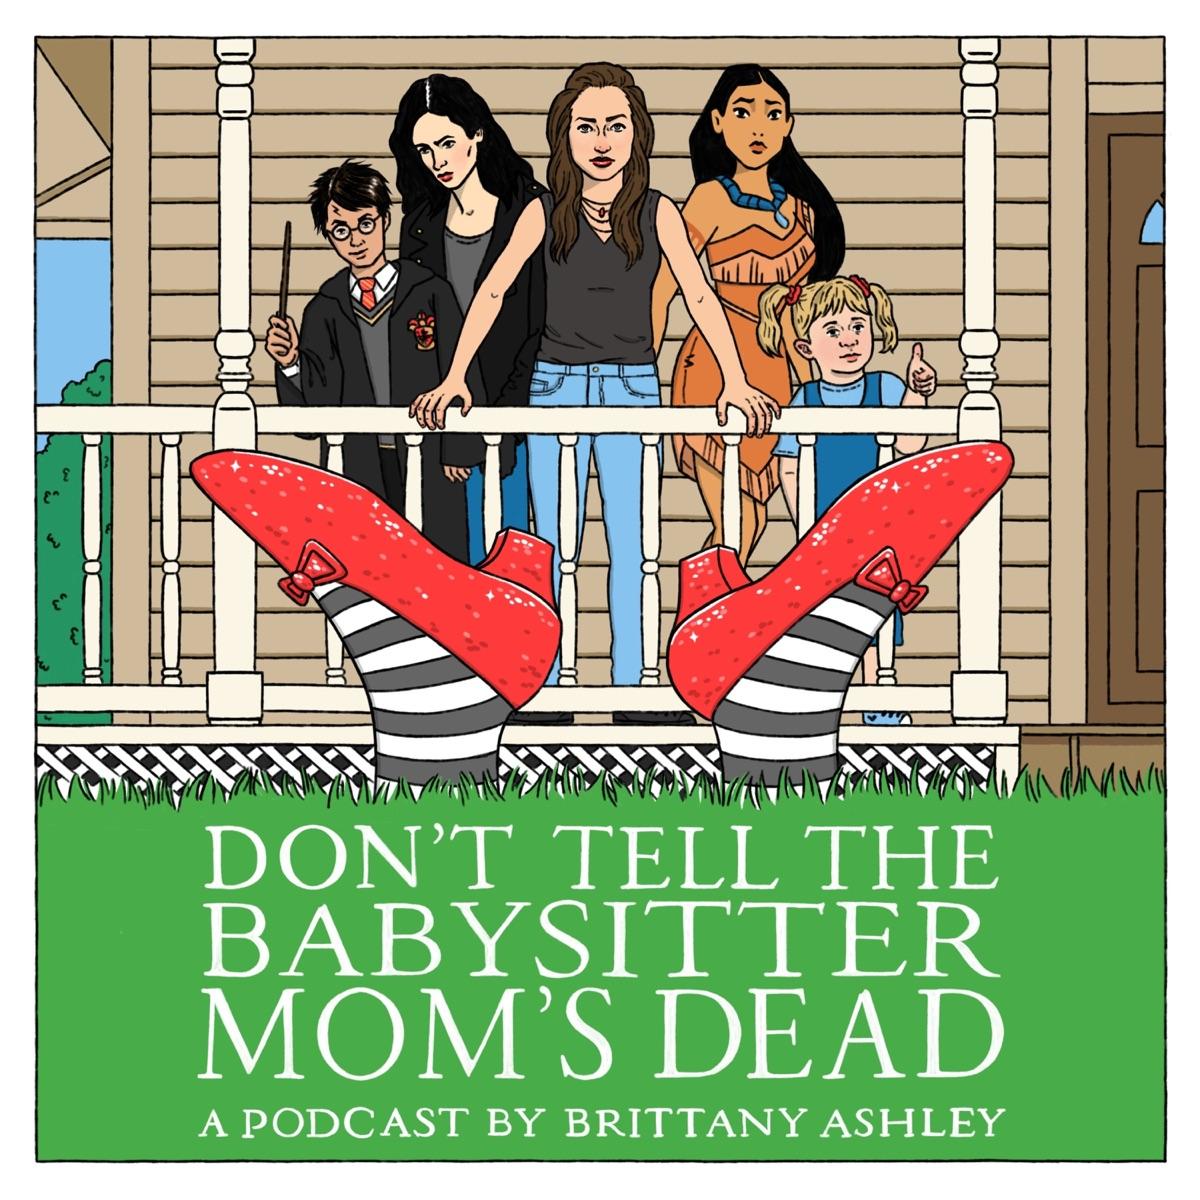 Don't Tell The Babysitter Mom's Dead